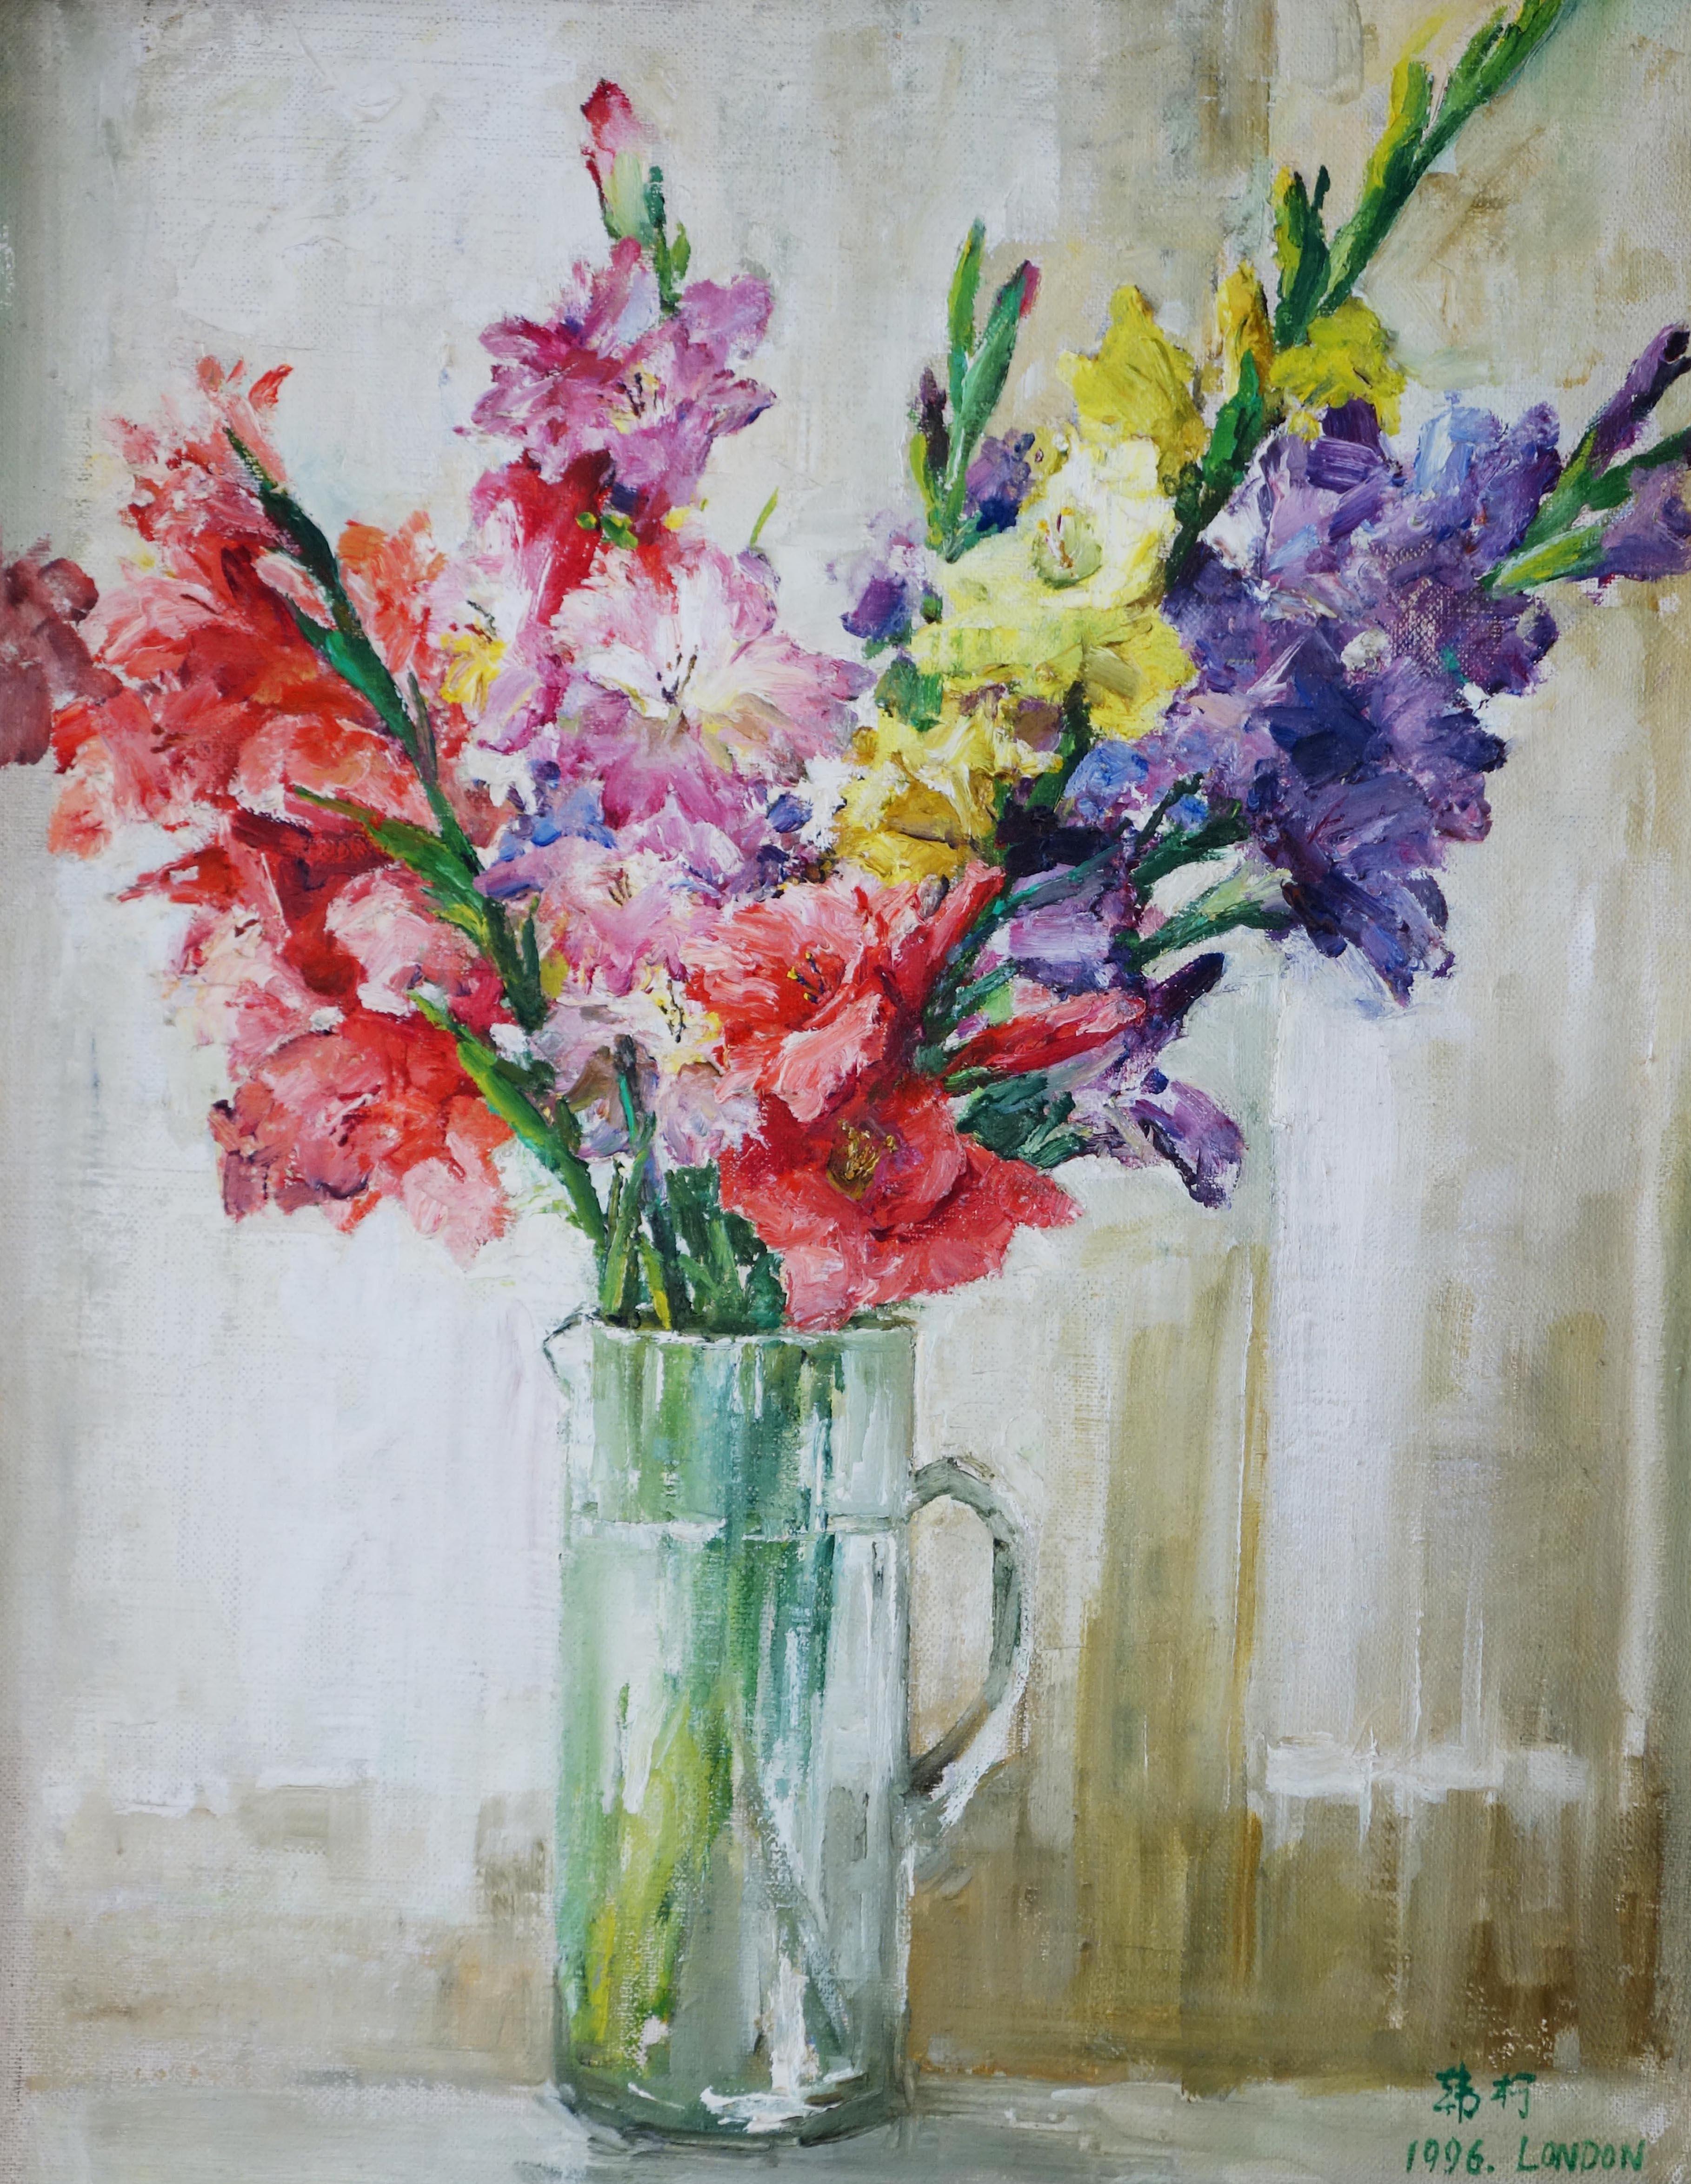 朝鲜花卉风景油画